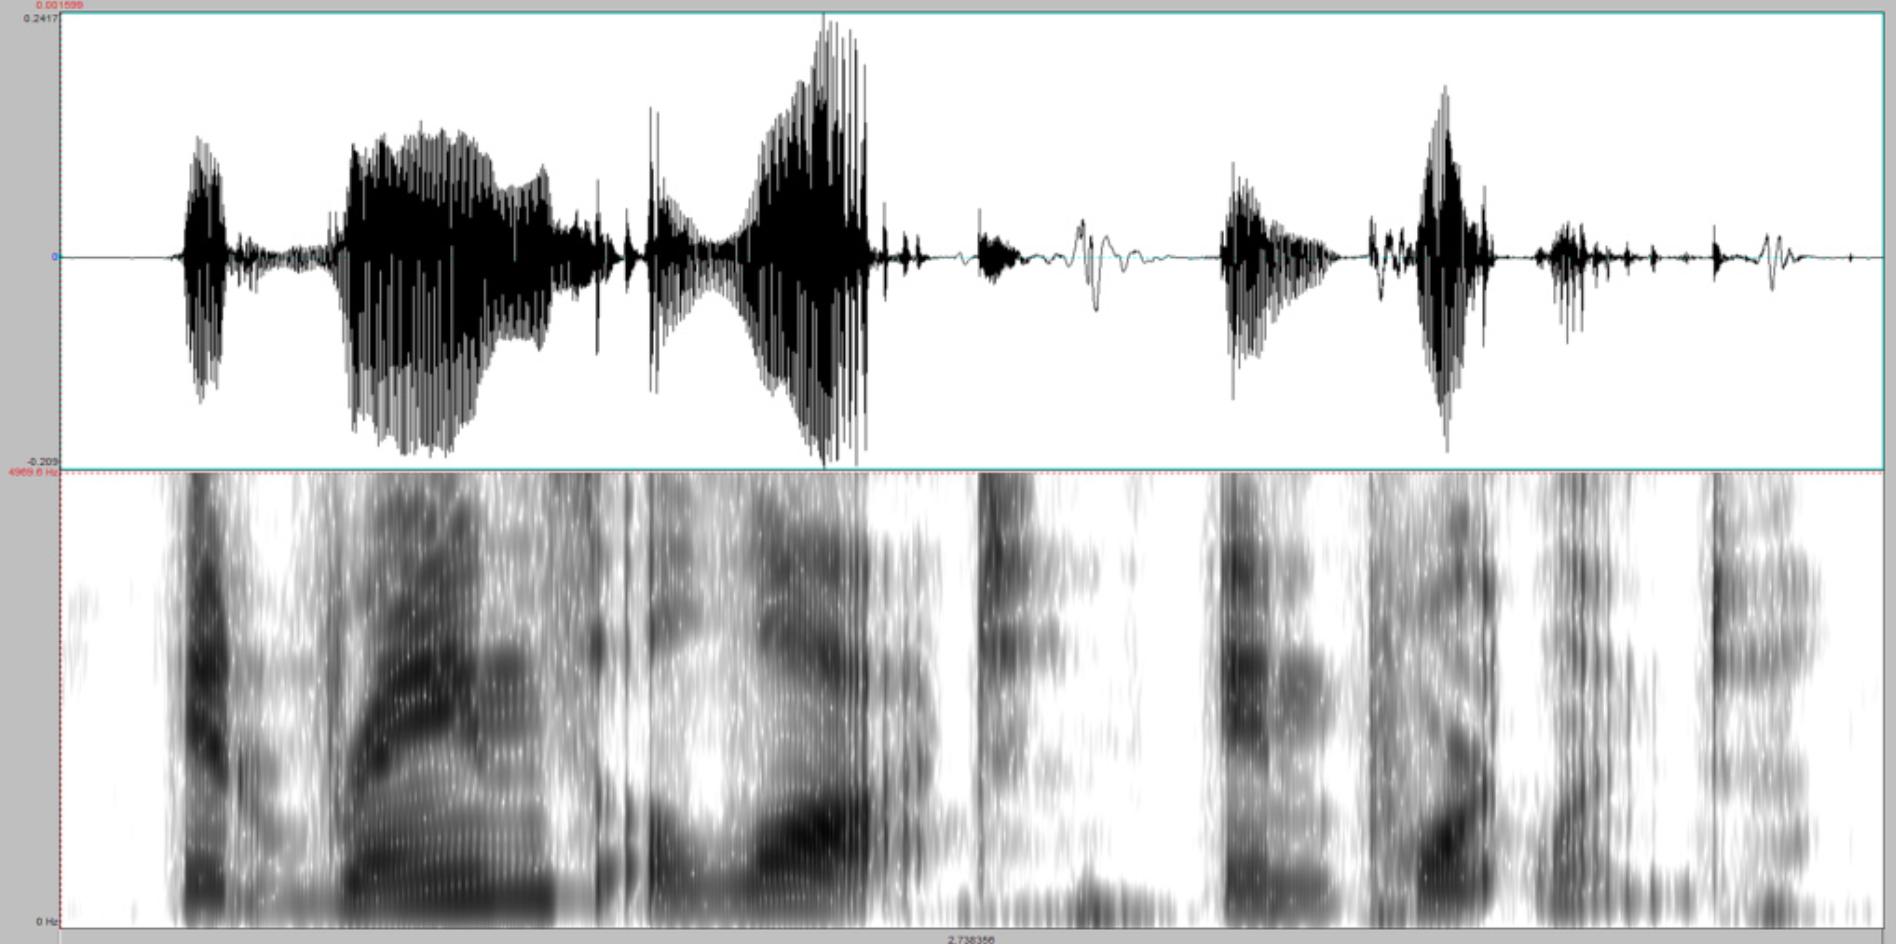 waveform.png